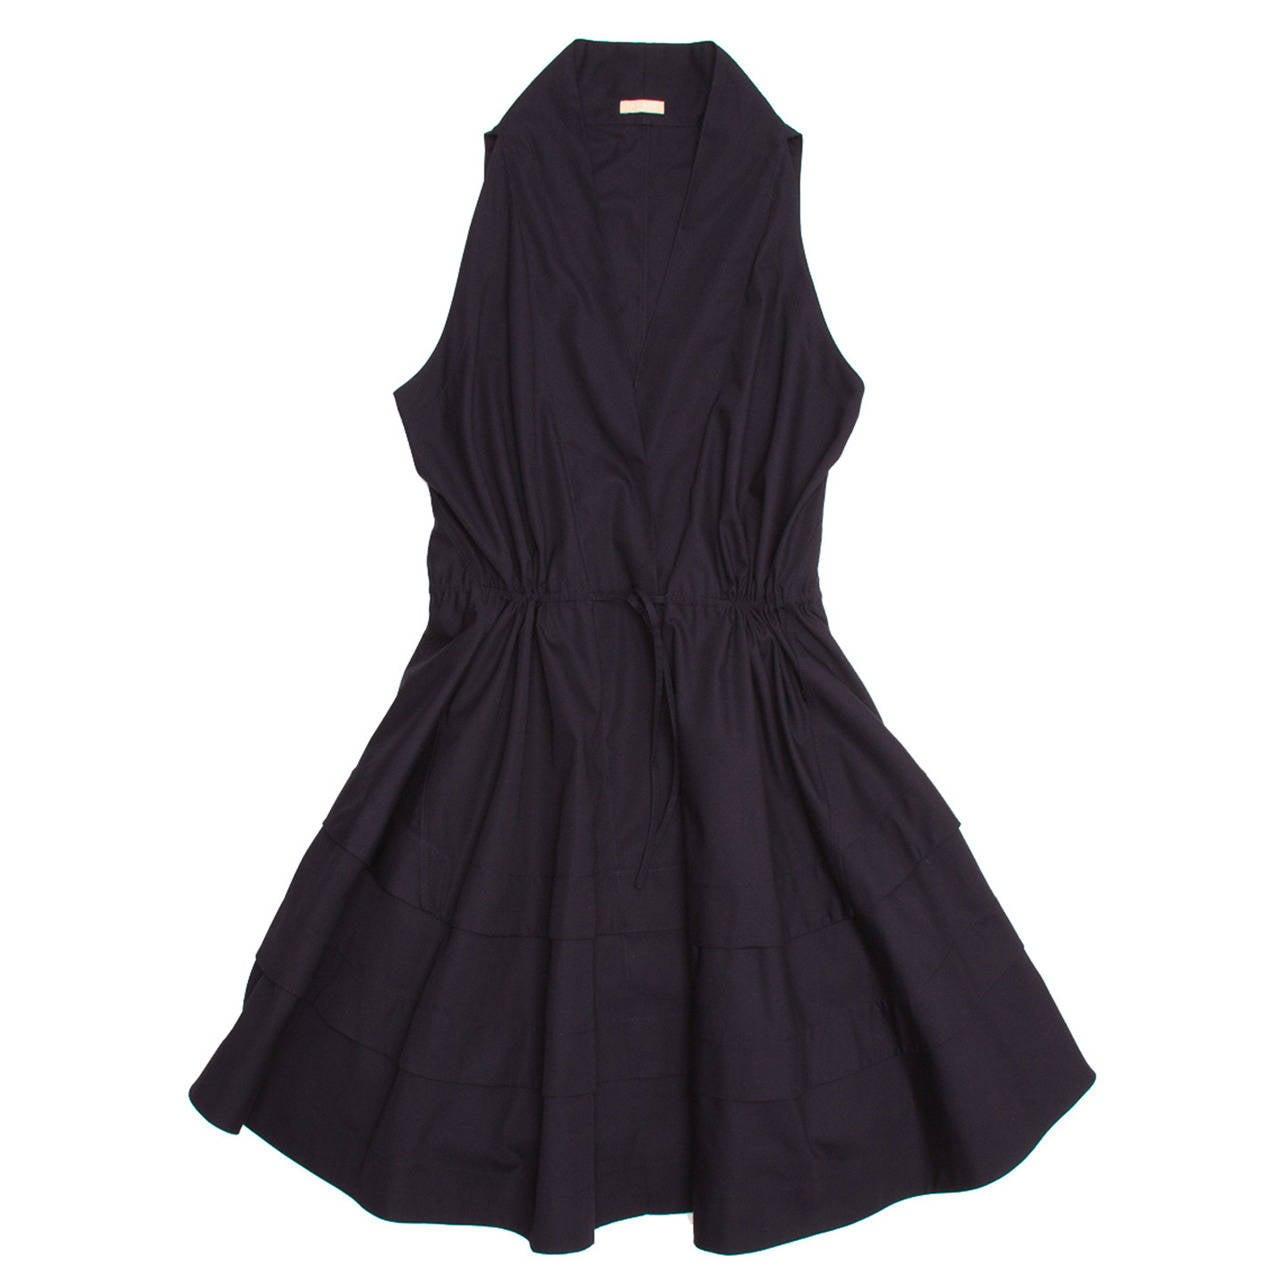 Alaïa Dress Navy Halter Style 1